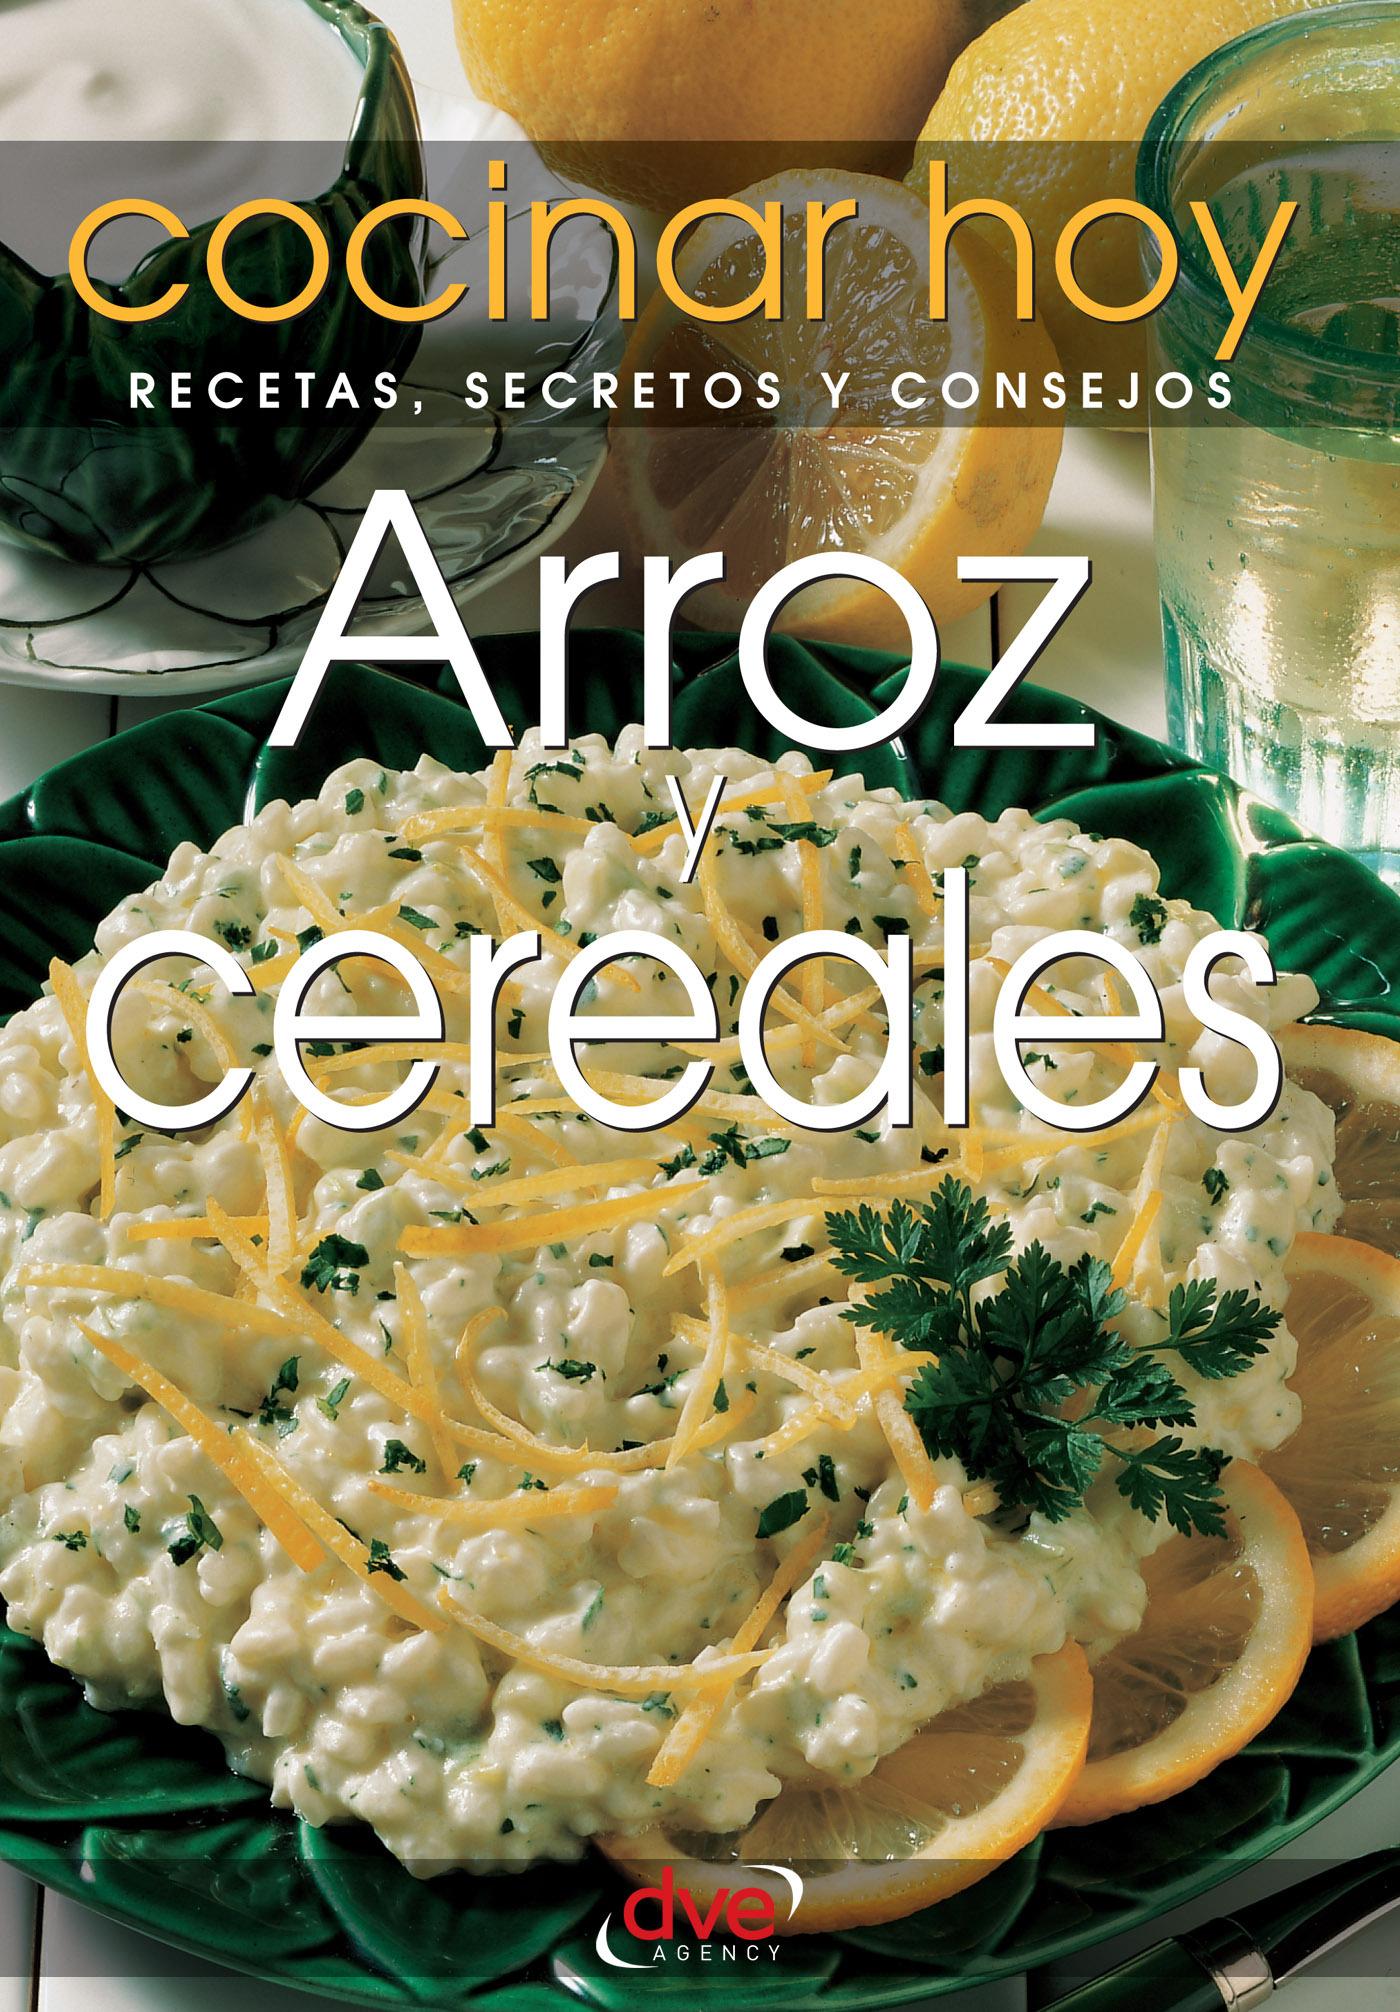 hoy, Cocinar hoy Cocinar - Arroz y cereales, ebook